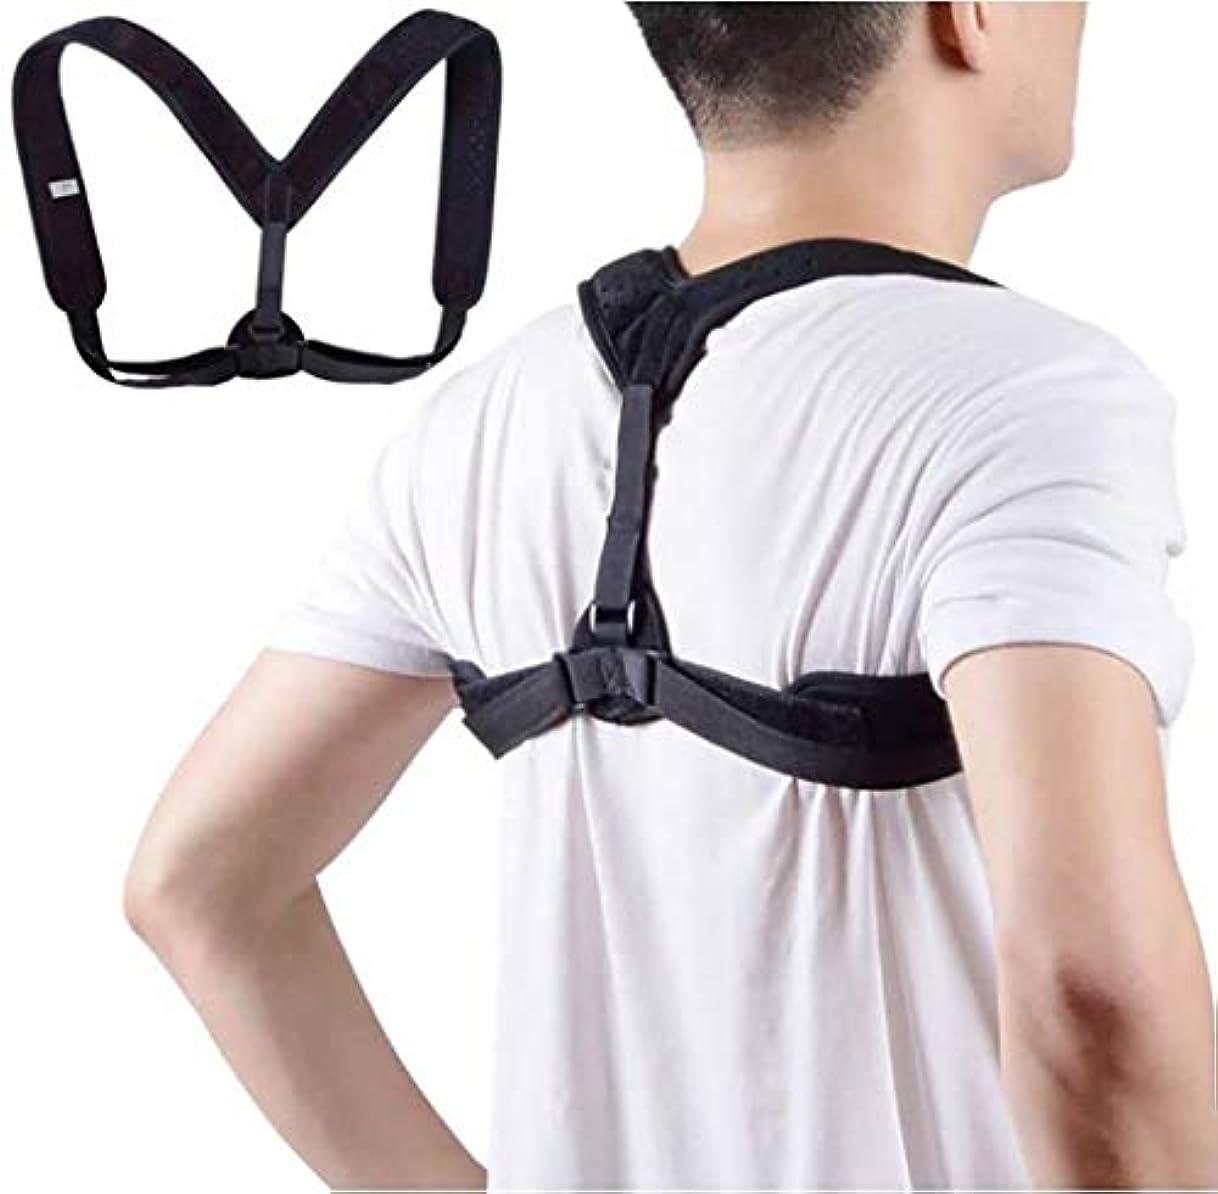 反毒アラビア語からに変化する姿勢矯正ベルト、背部装具、悪い姿勢の改善、気質の改善、調整可能、腰痛緩和のためのダブルストロングスプリント、オフィス学習演習用 (Color : L)